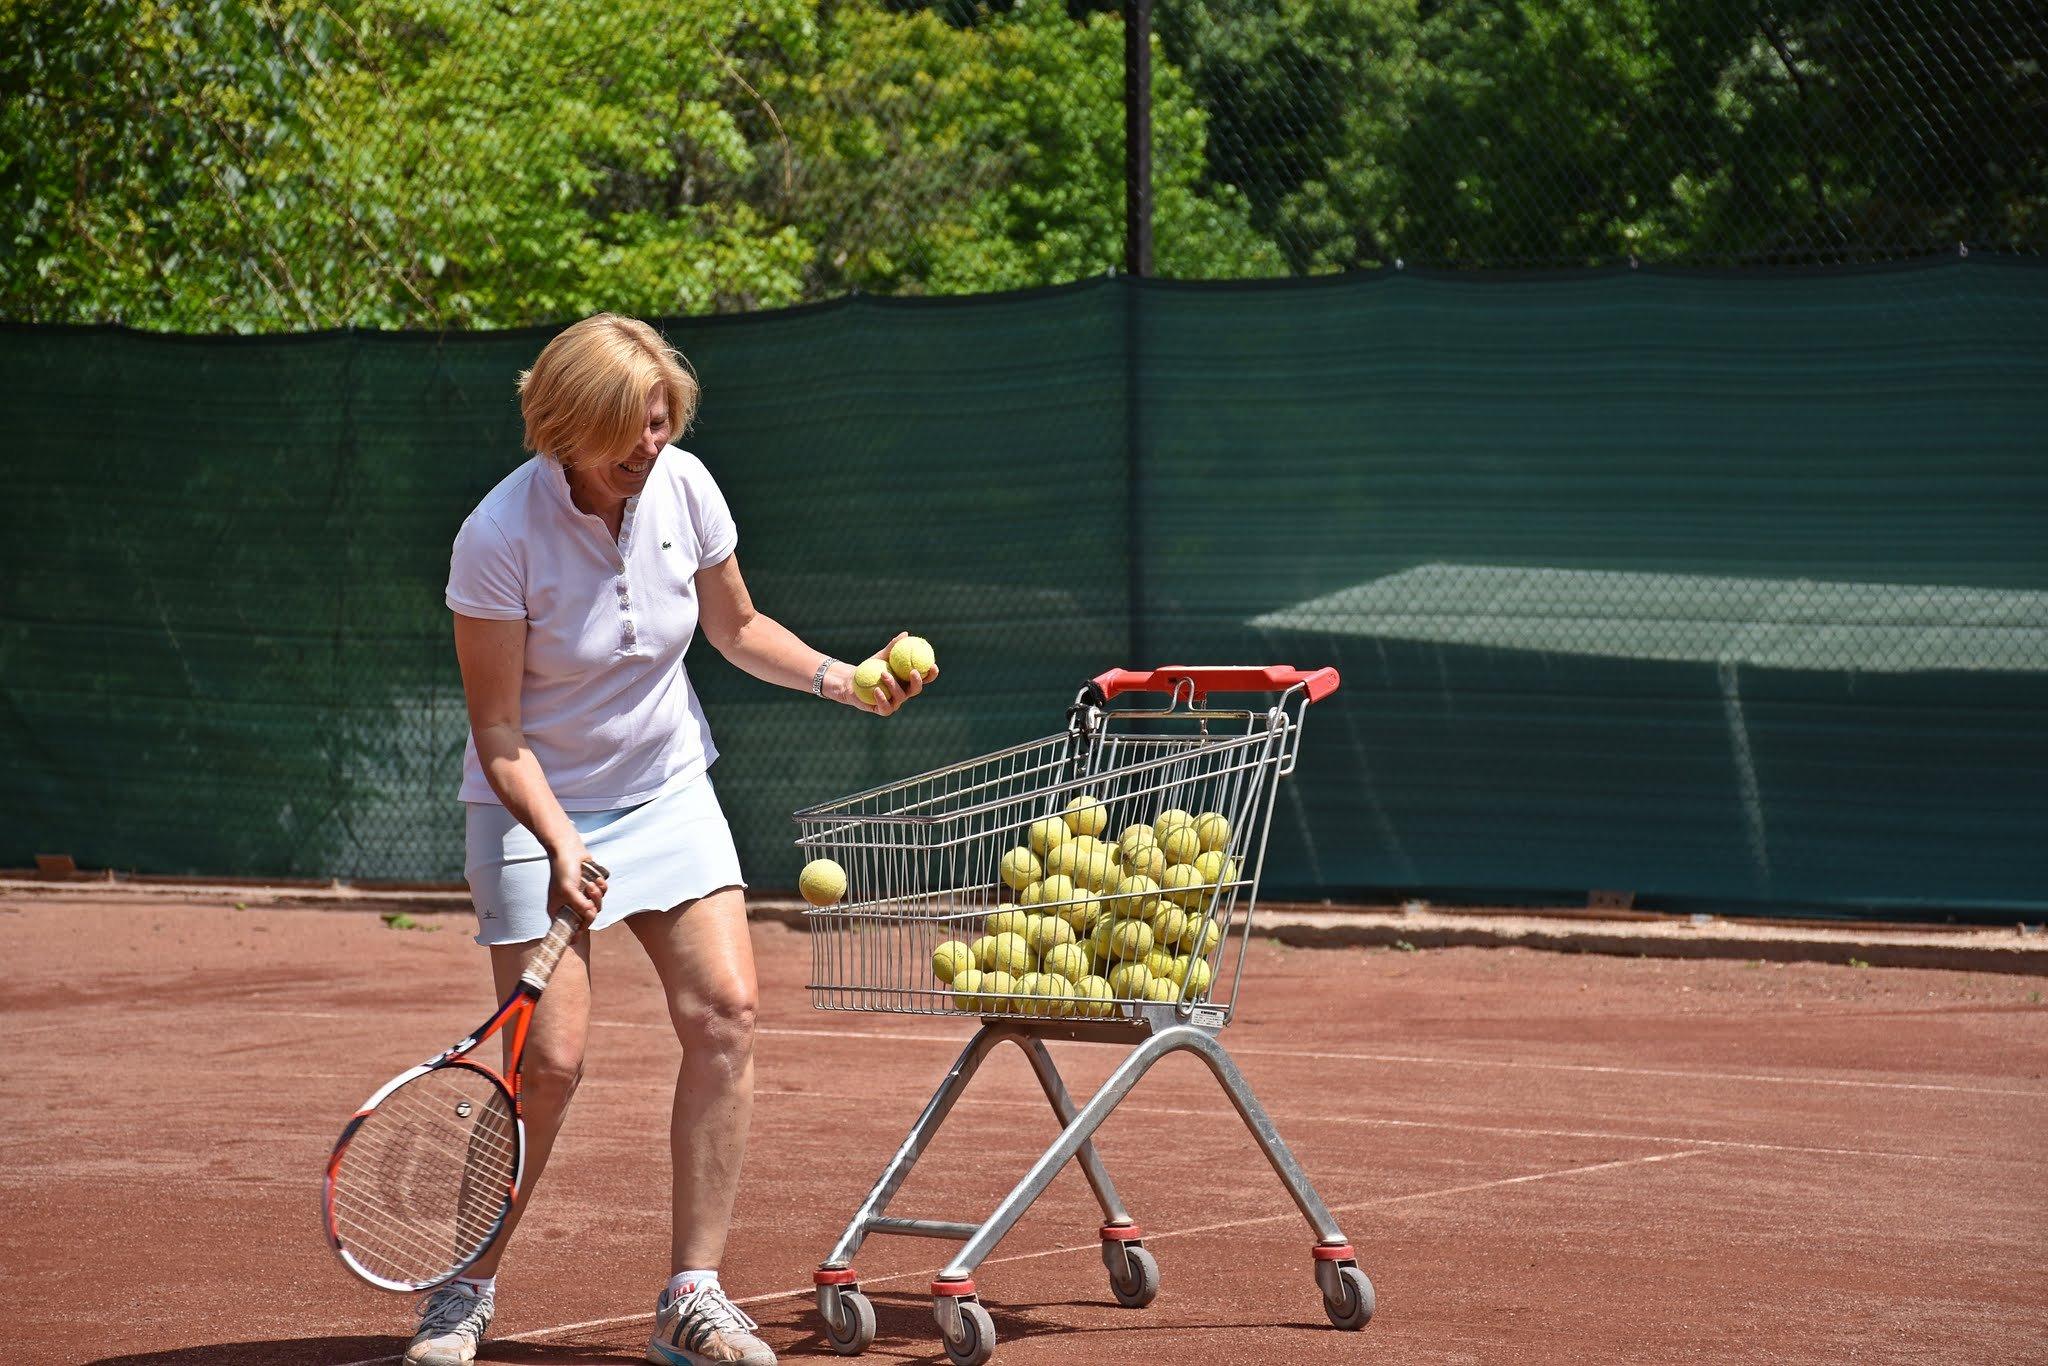 segít a tenisz a fogyásban hogyan lehet elérni az anyagcserét a zsírégetéshez